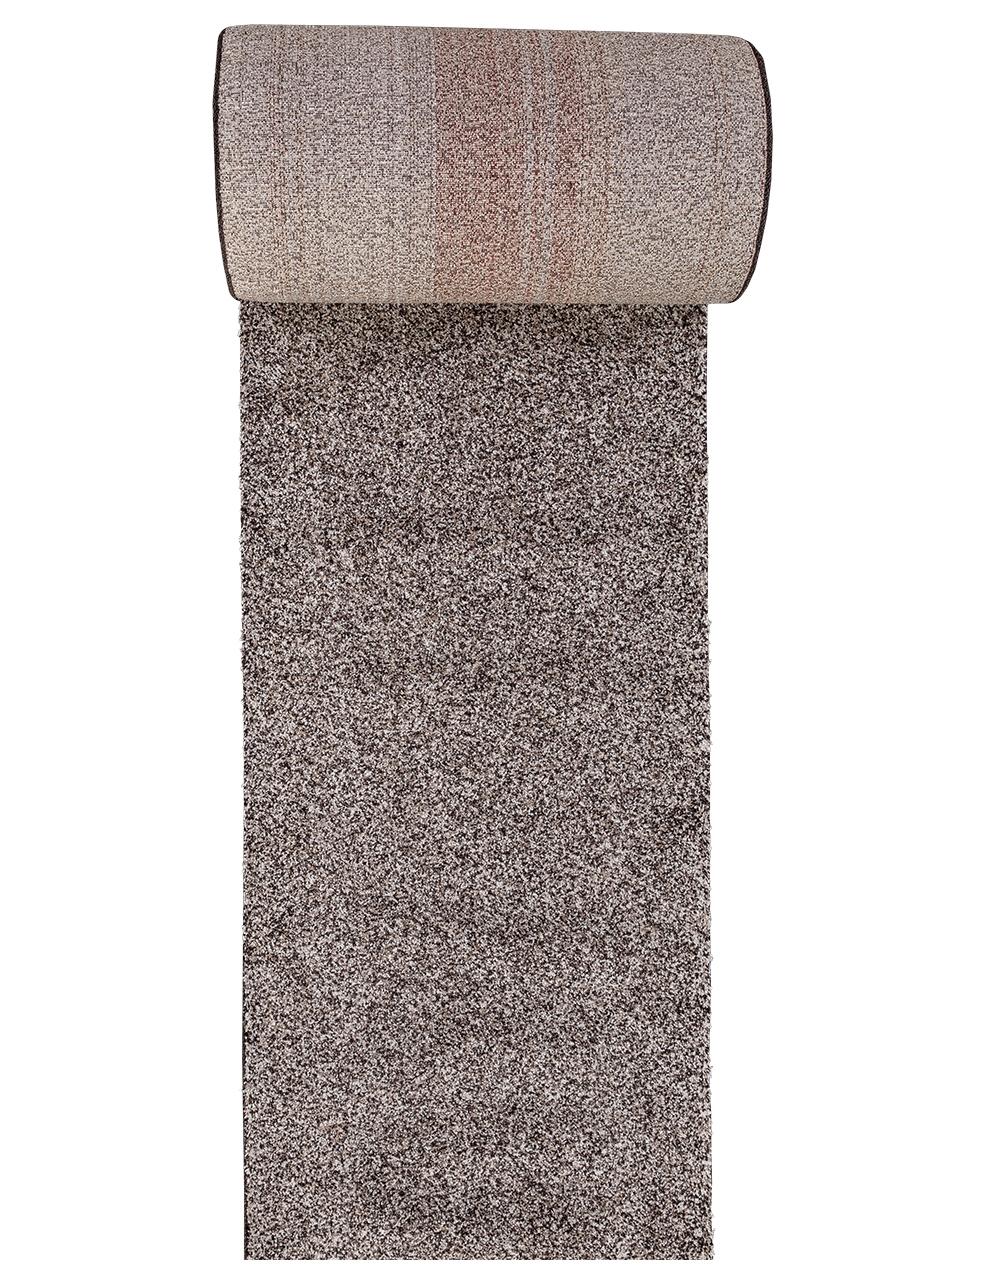 Ковровая дорожка t600 - MULTICOLOR - коллекция PLATINUM - фото 2